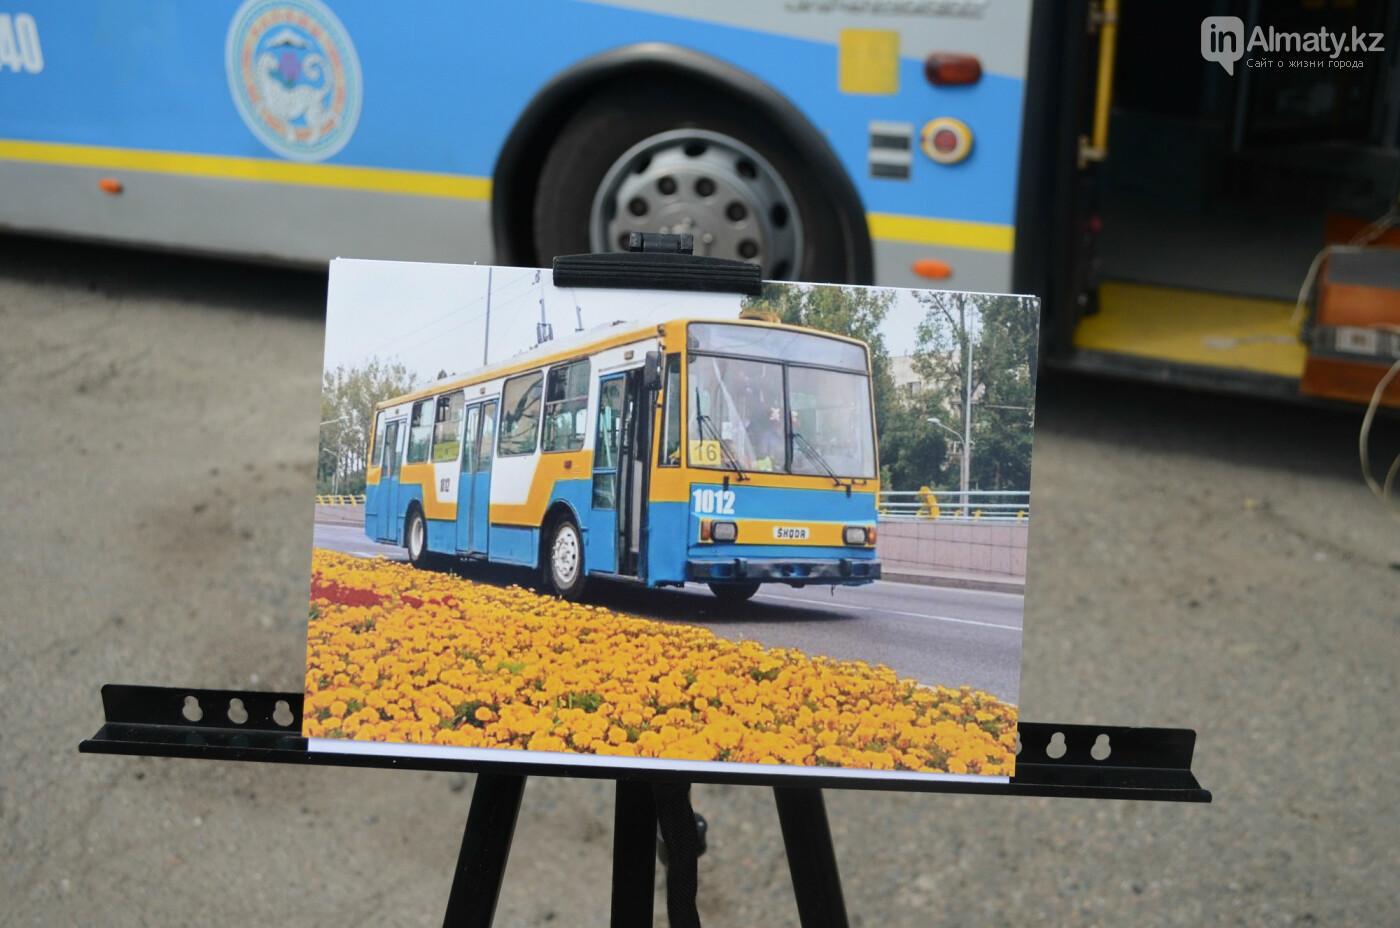 Юбилей троллейбуса отметили в Алматы (фото), фото-13